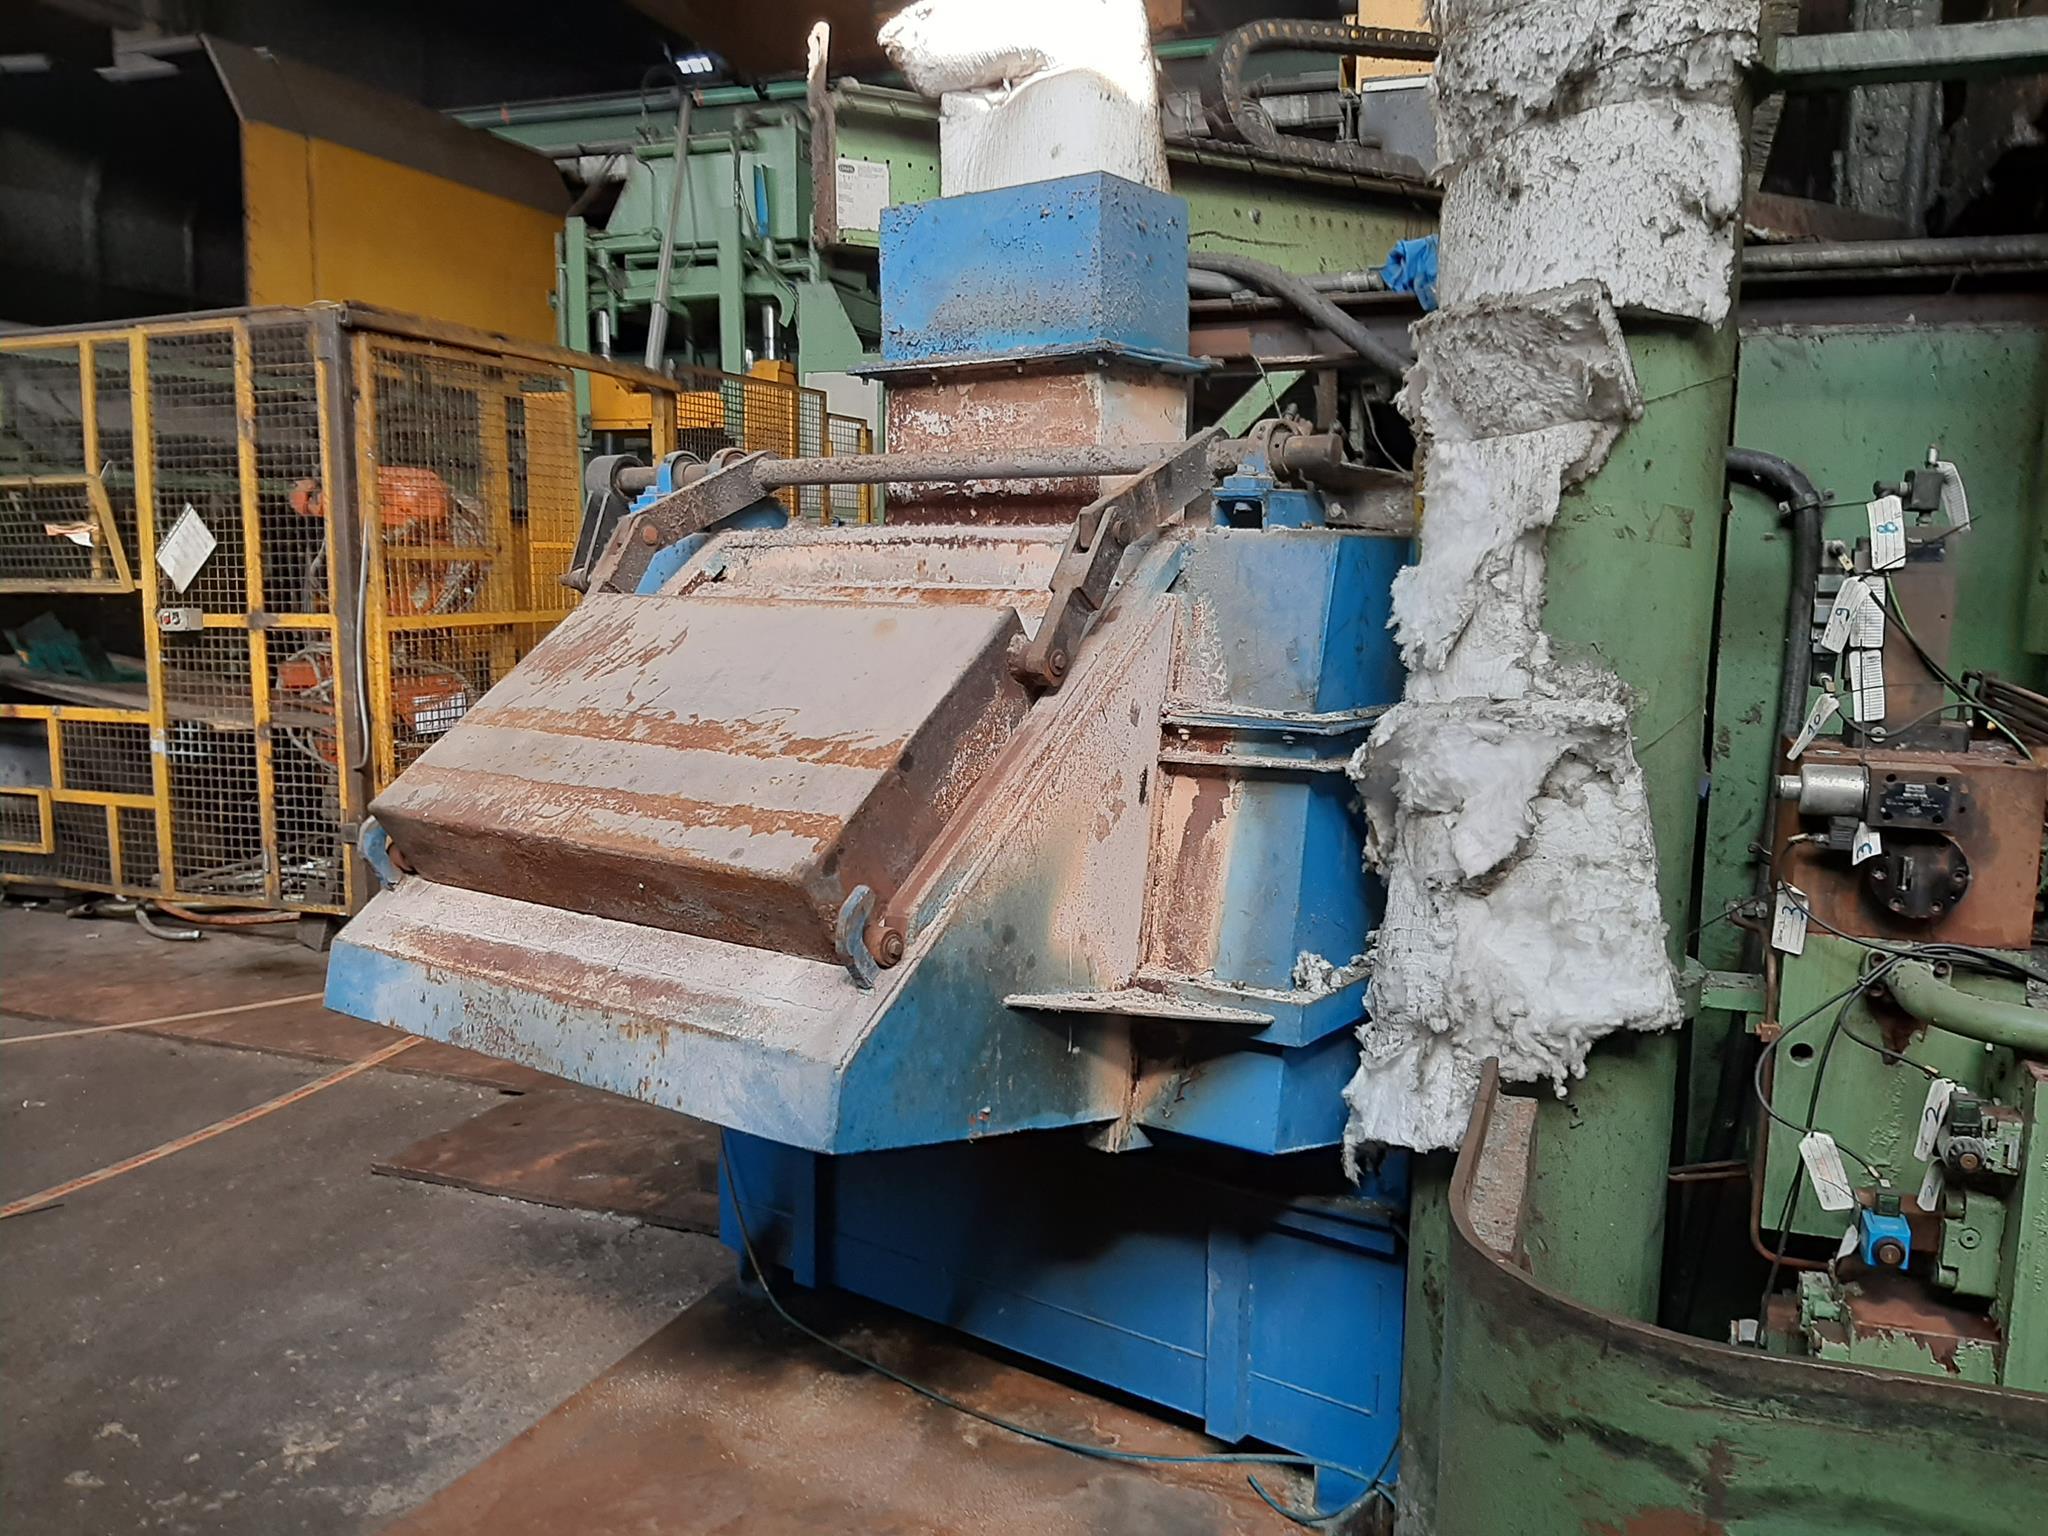 Forno mantenimento alluminio Deltaimpianti in vendita - foto 4